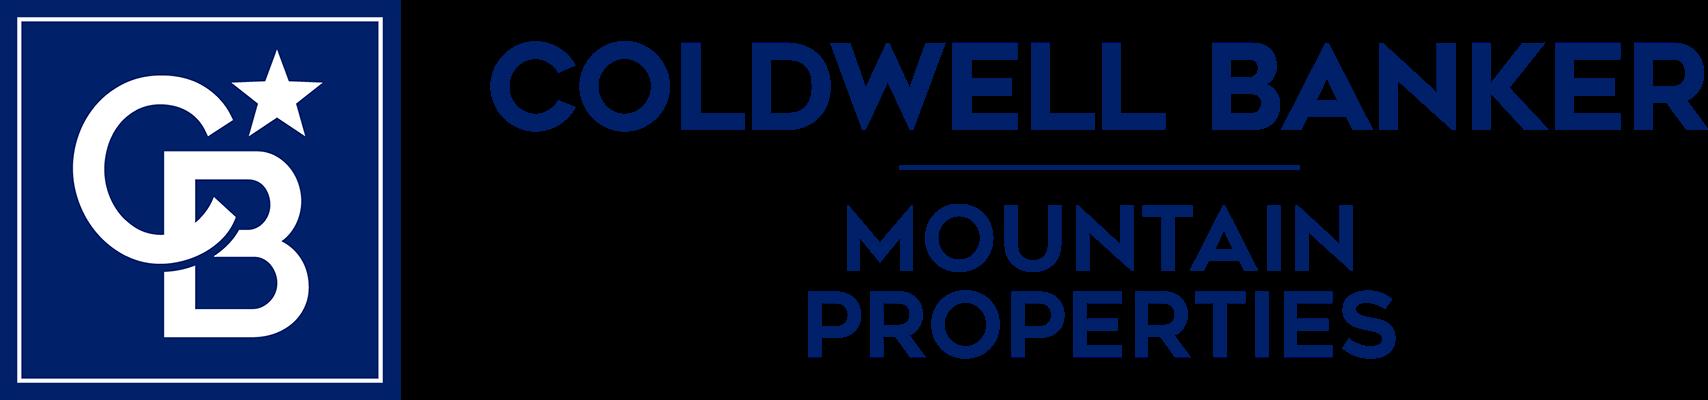 coldweel-banker-logo